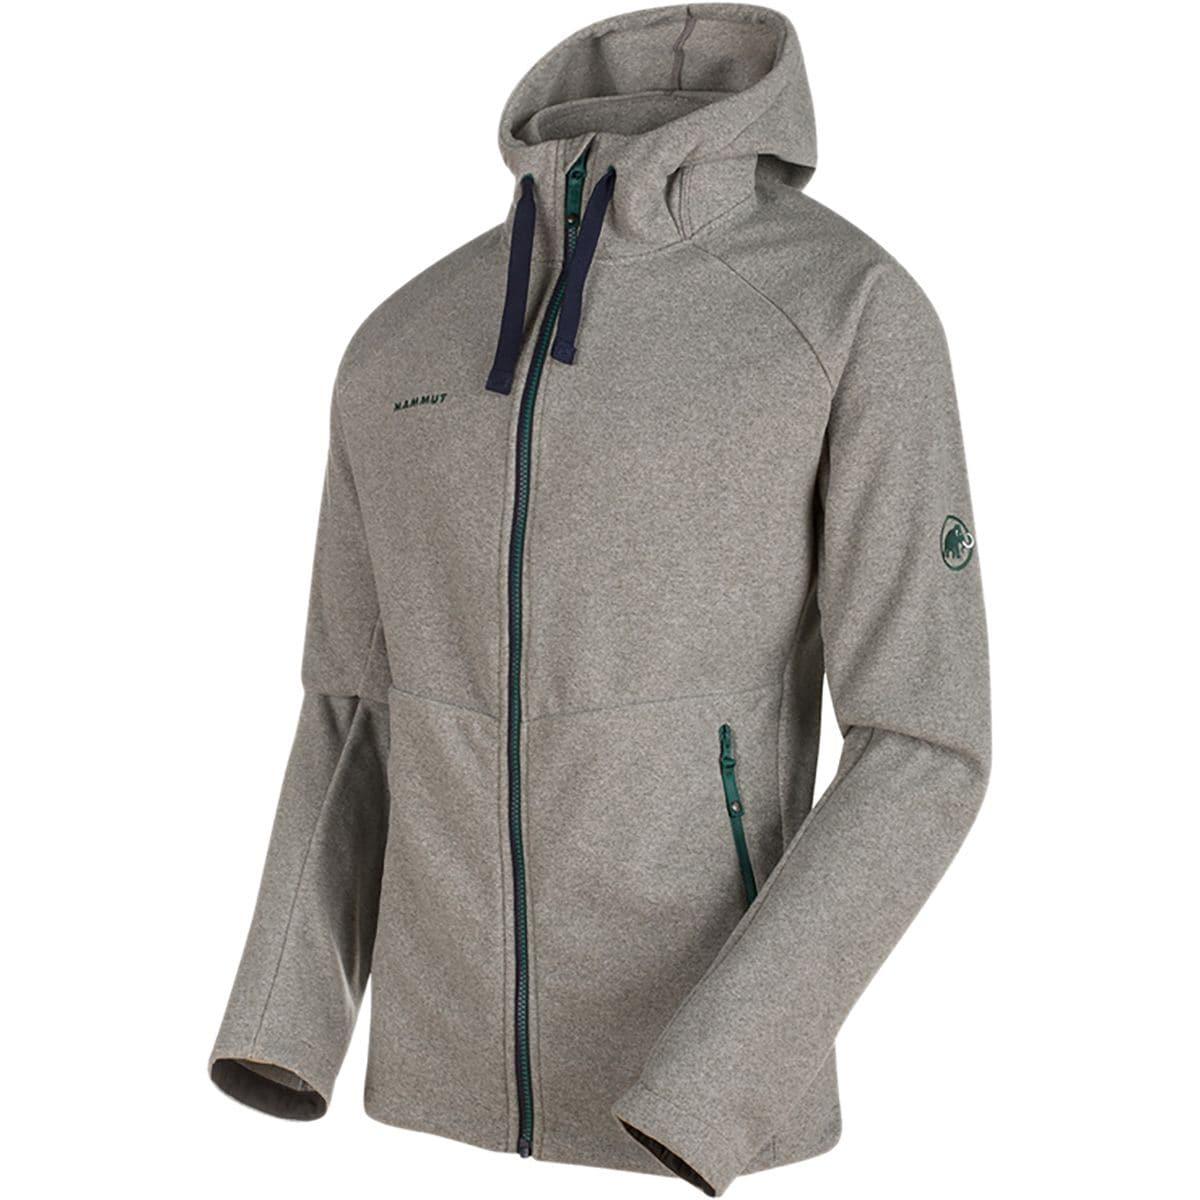 Mammut Yadkin Advanced ML Hooded Fleece Jacket - Men